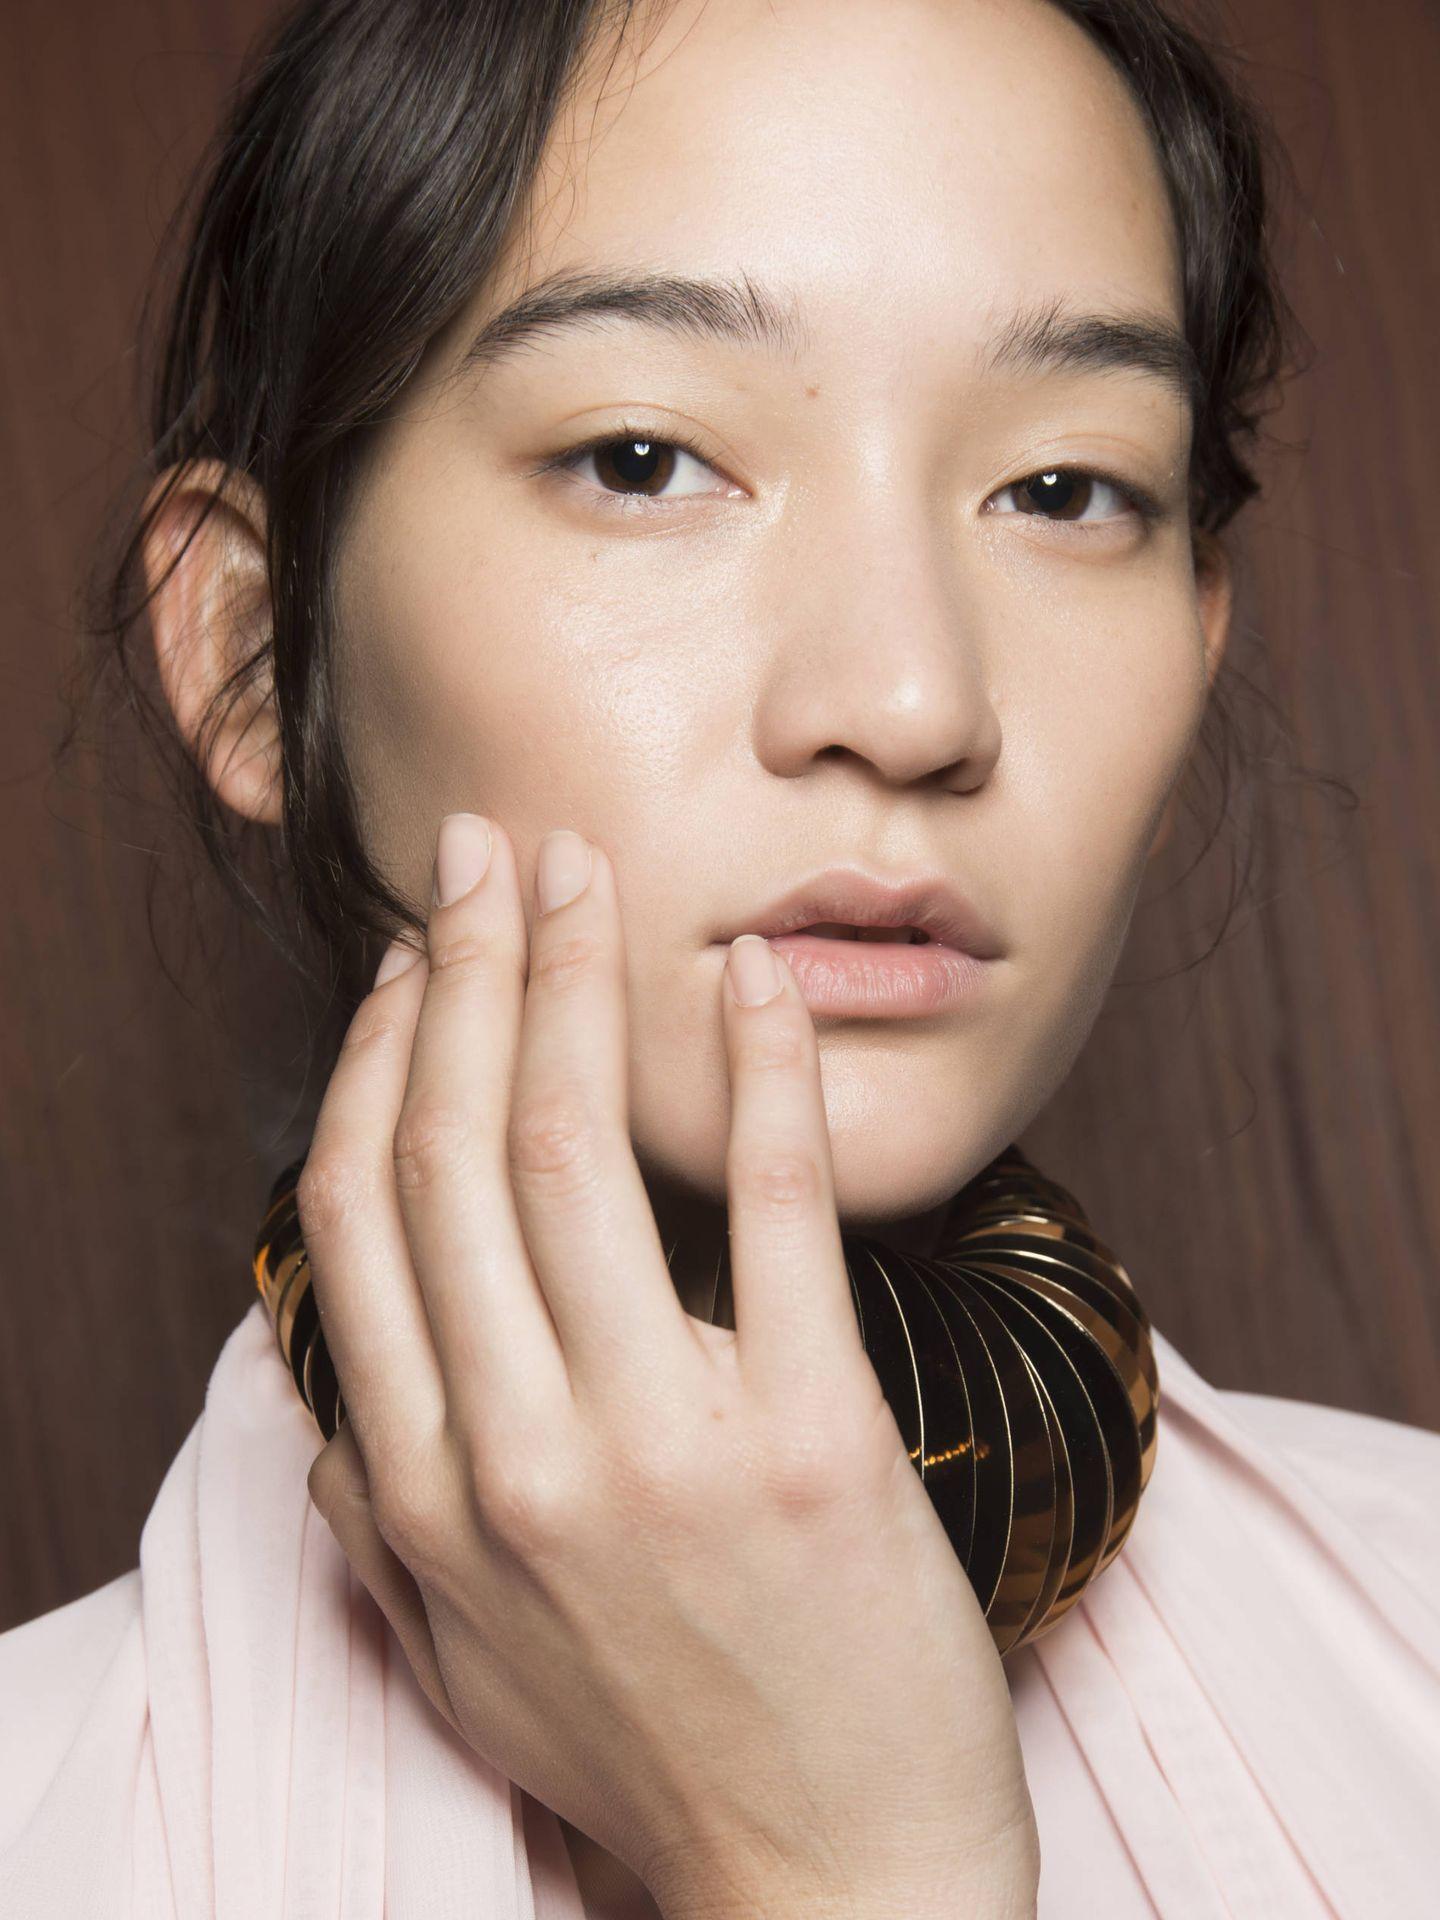 La protección solar es uno de los pilares fundamentales del cuidado de la piel en Corea del Sur. (Imaxtree)